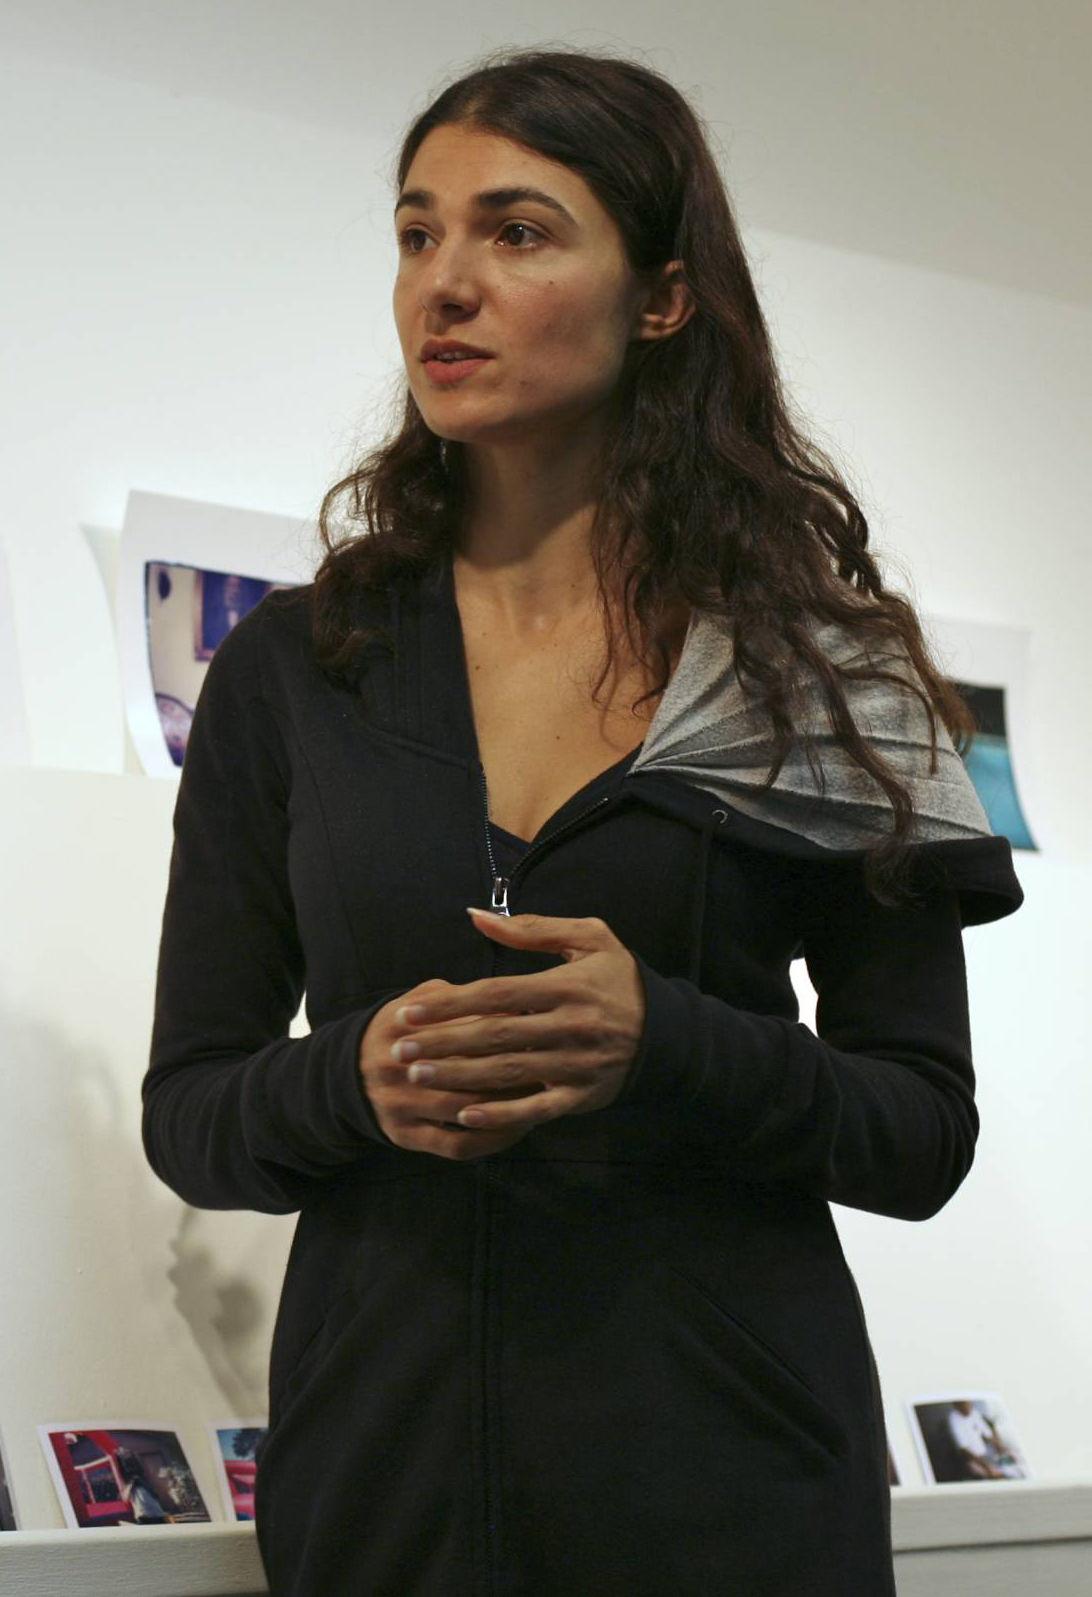 Photo of Elinor Carucci: American photographer